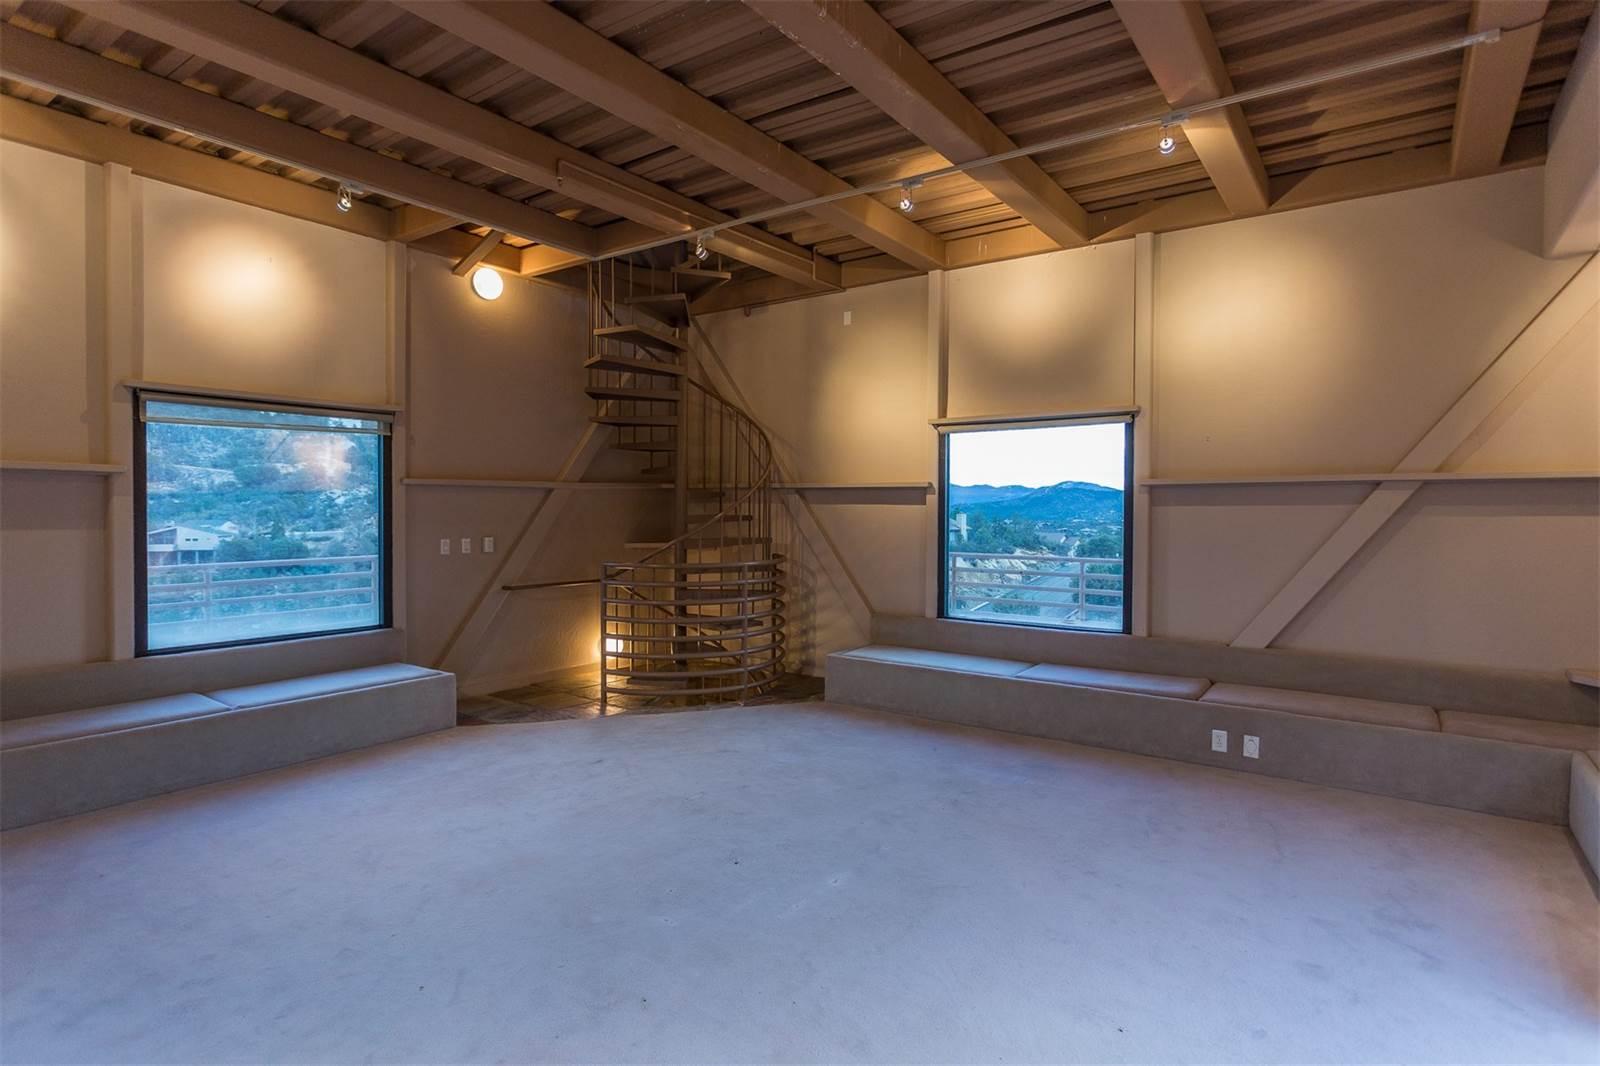 До главного зала гости могут подниматься налифте, анаверхние обзорные площадки можно подняться полестнице